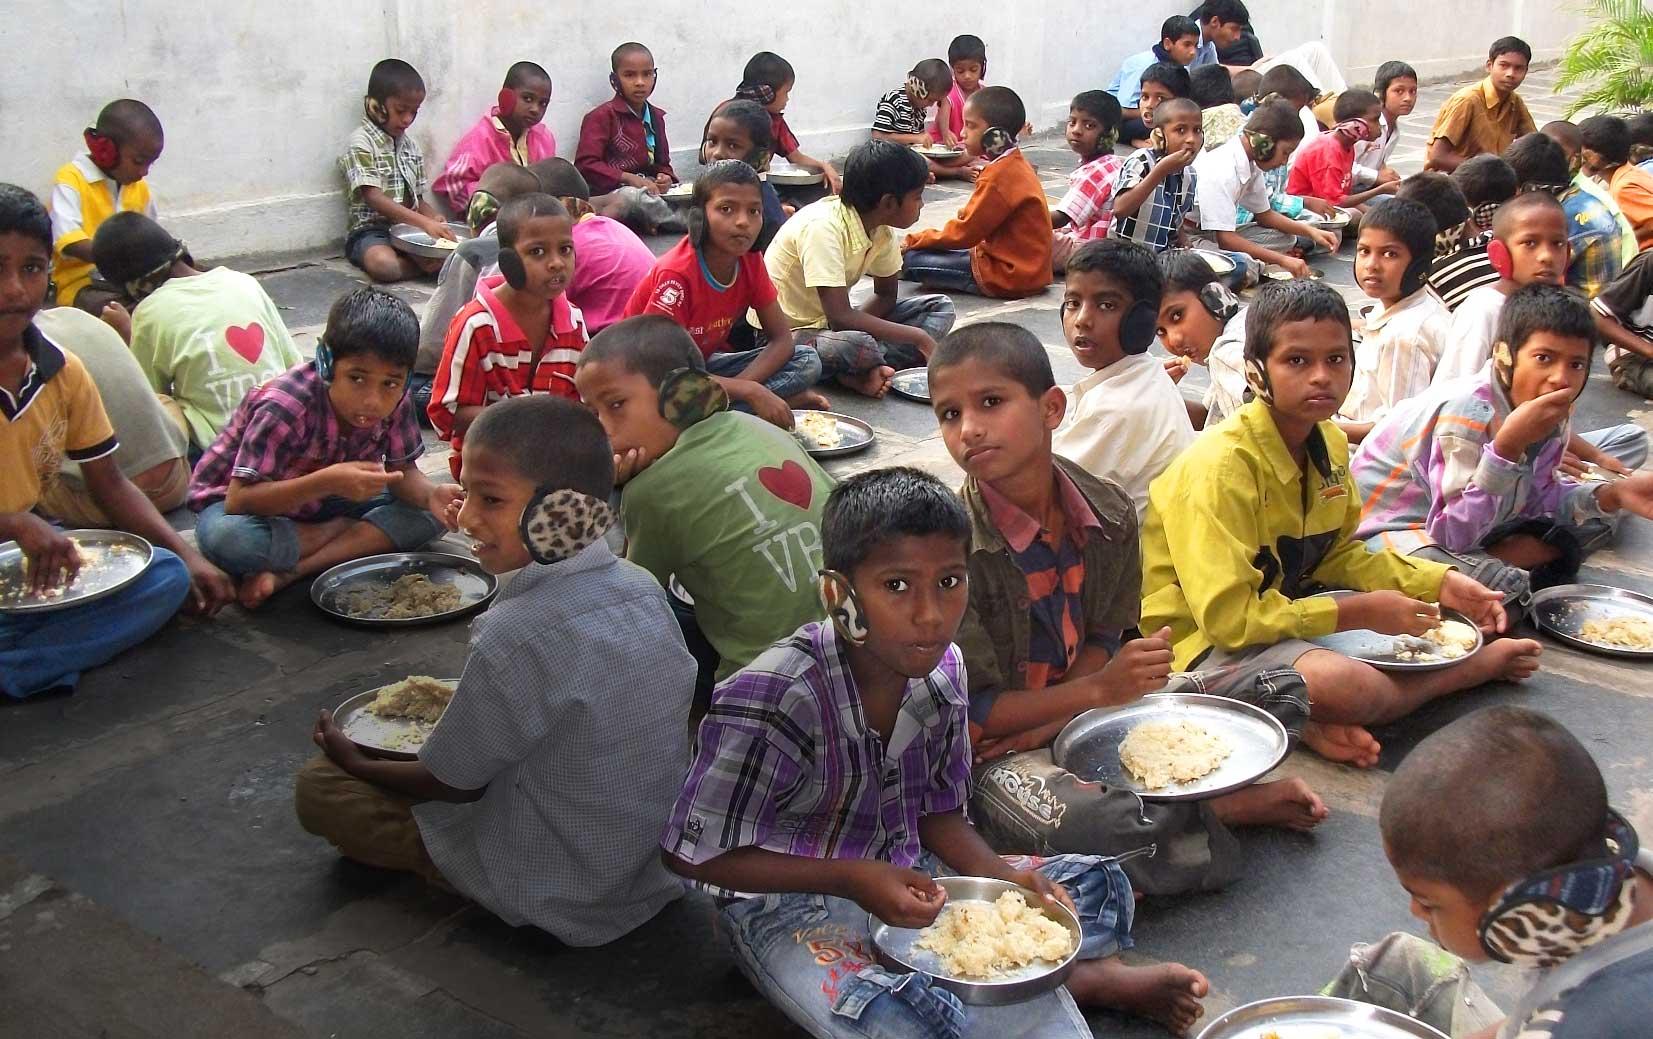 les enfants de l'orphelinat sont en train de manger du riz